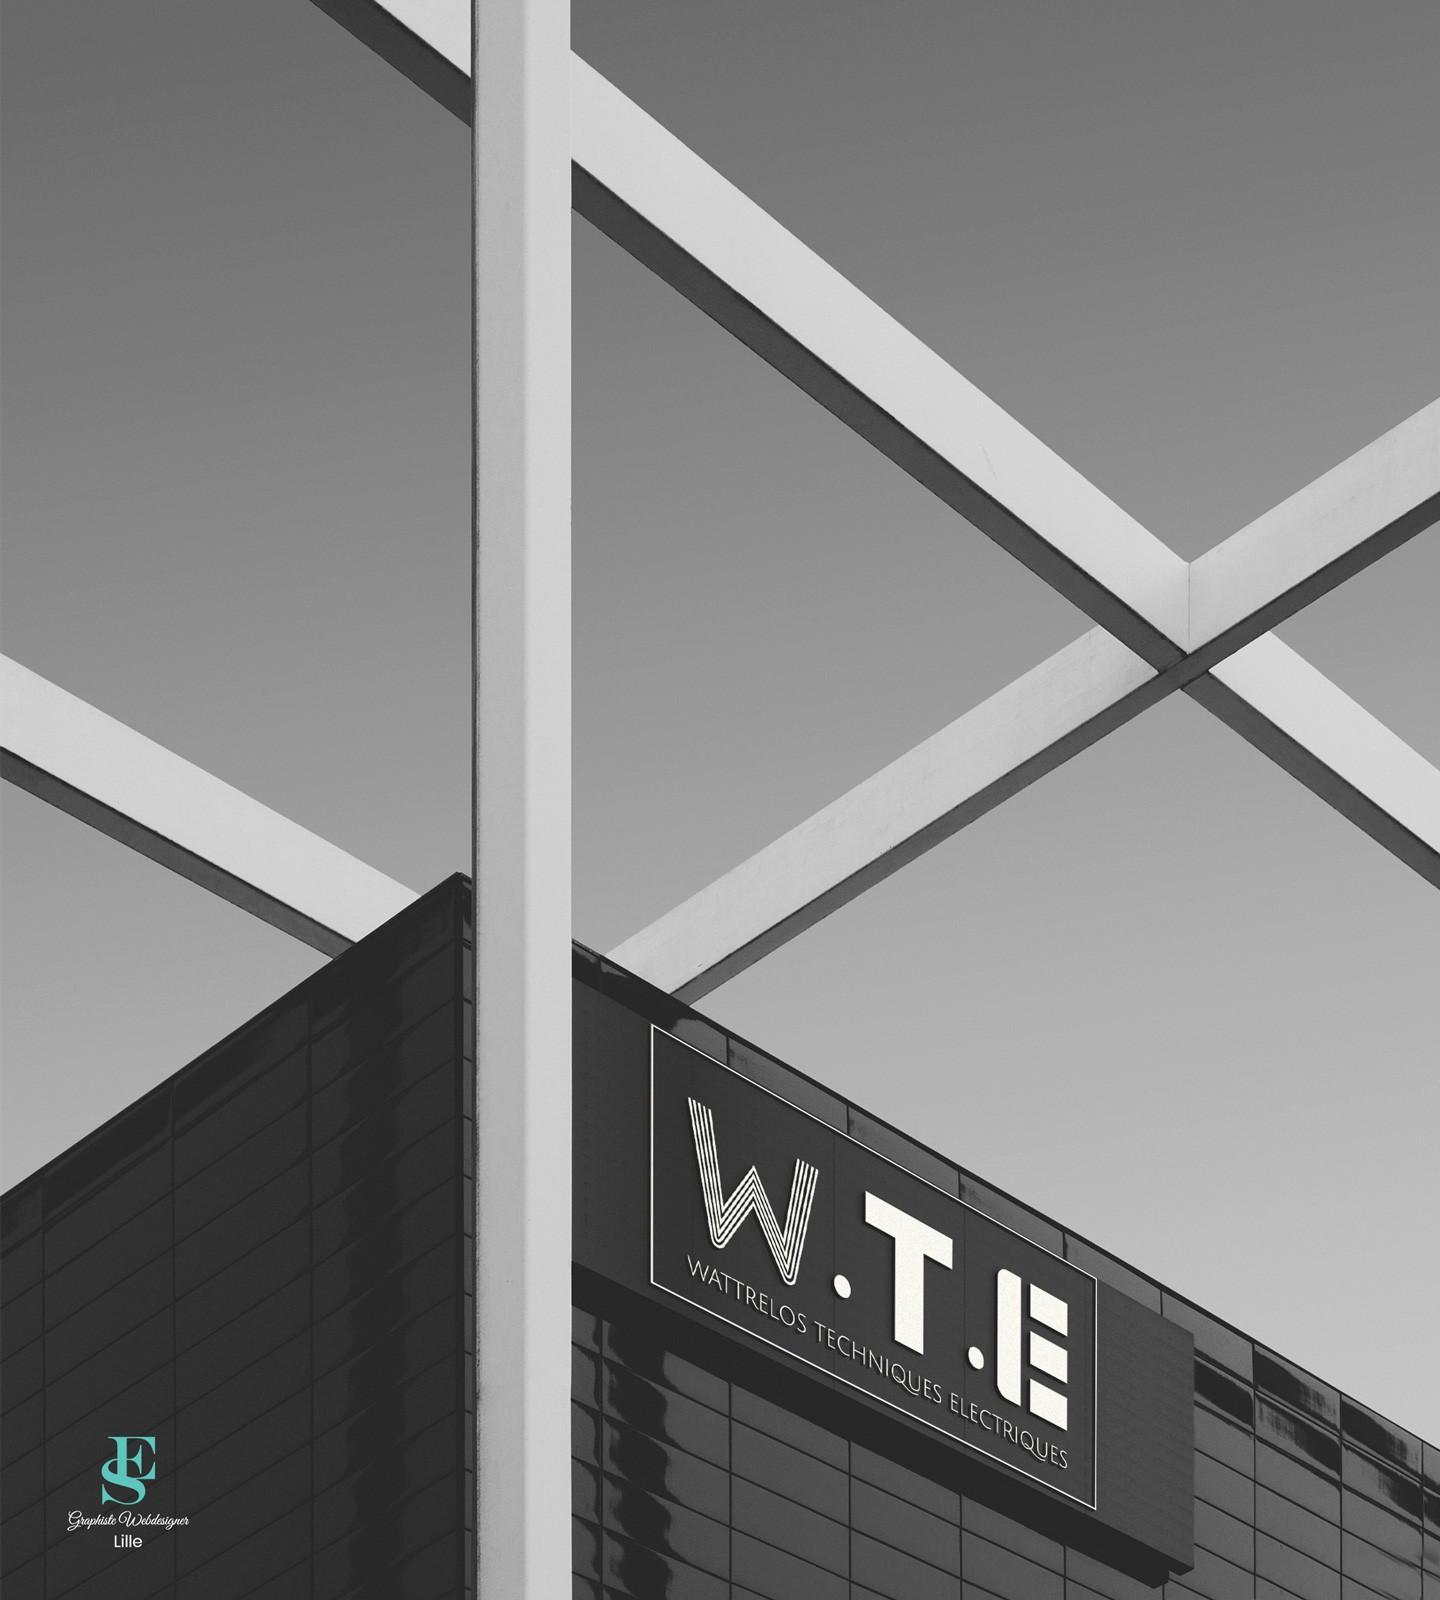 Logo Wattrelos Techniques Électriques